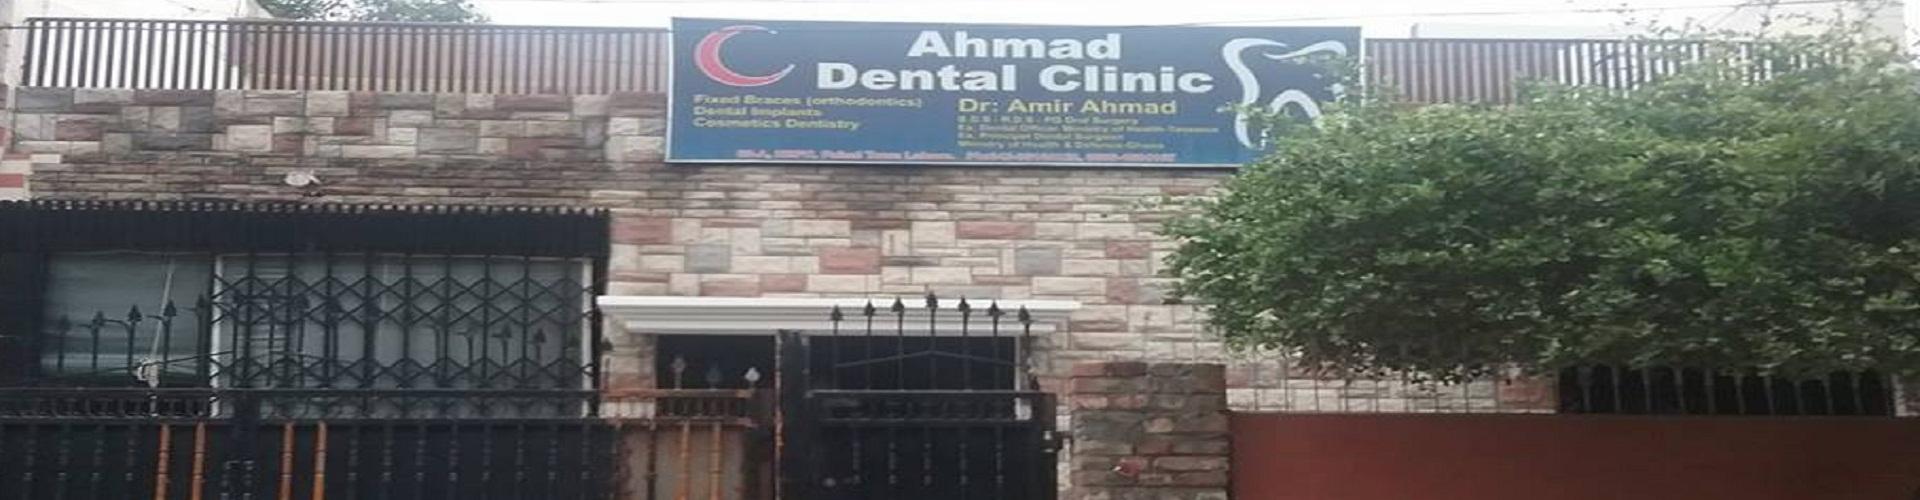 Ahmad dental clinic